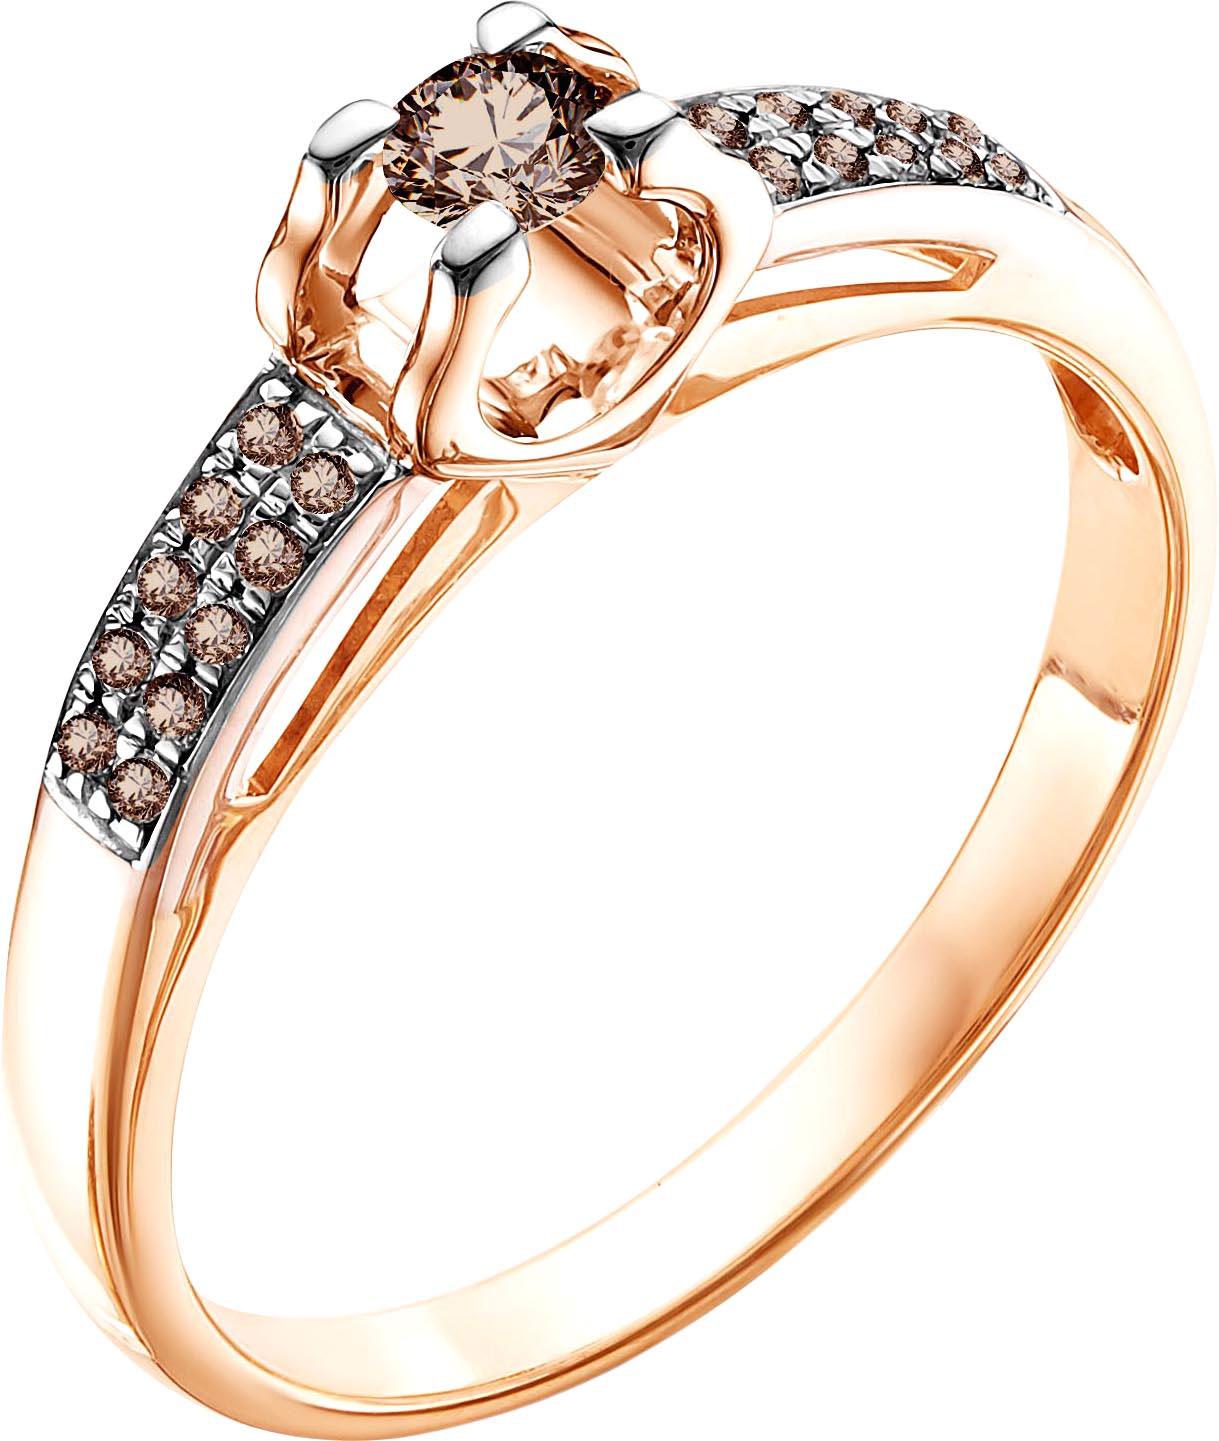 Кольца Vesna jewelry 1489-156-09-00